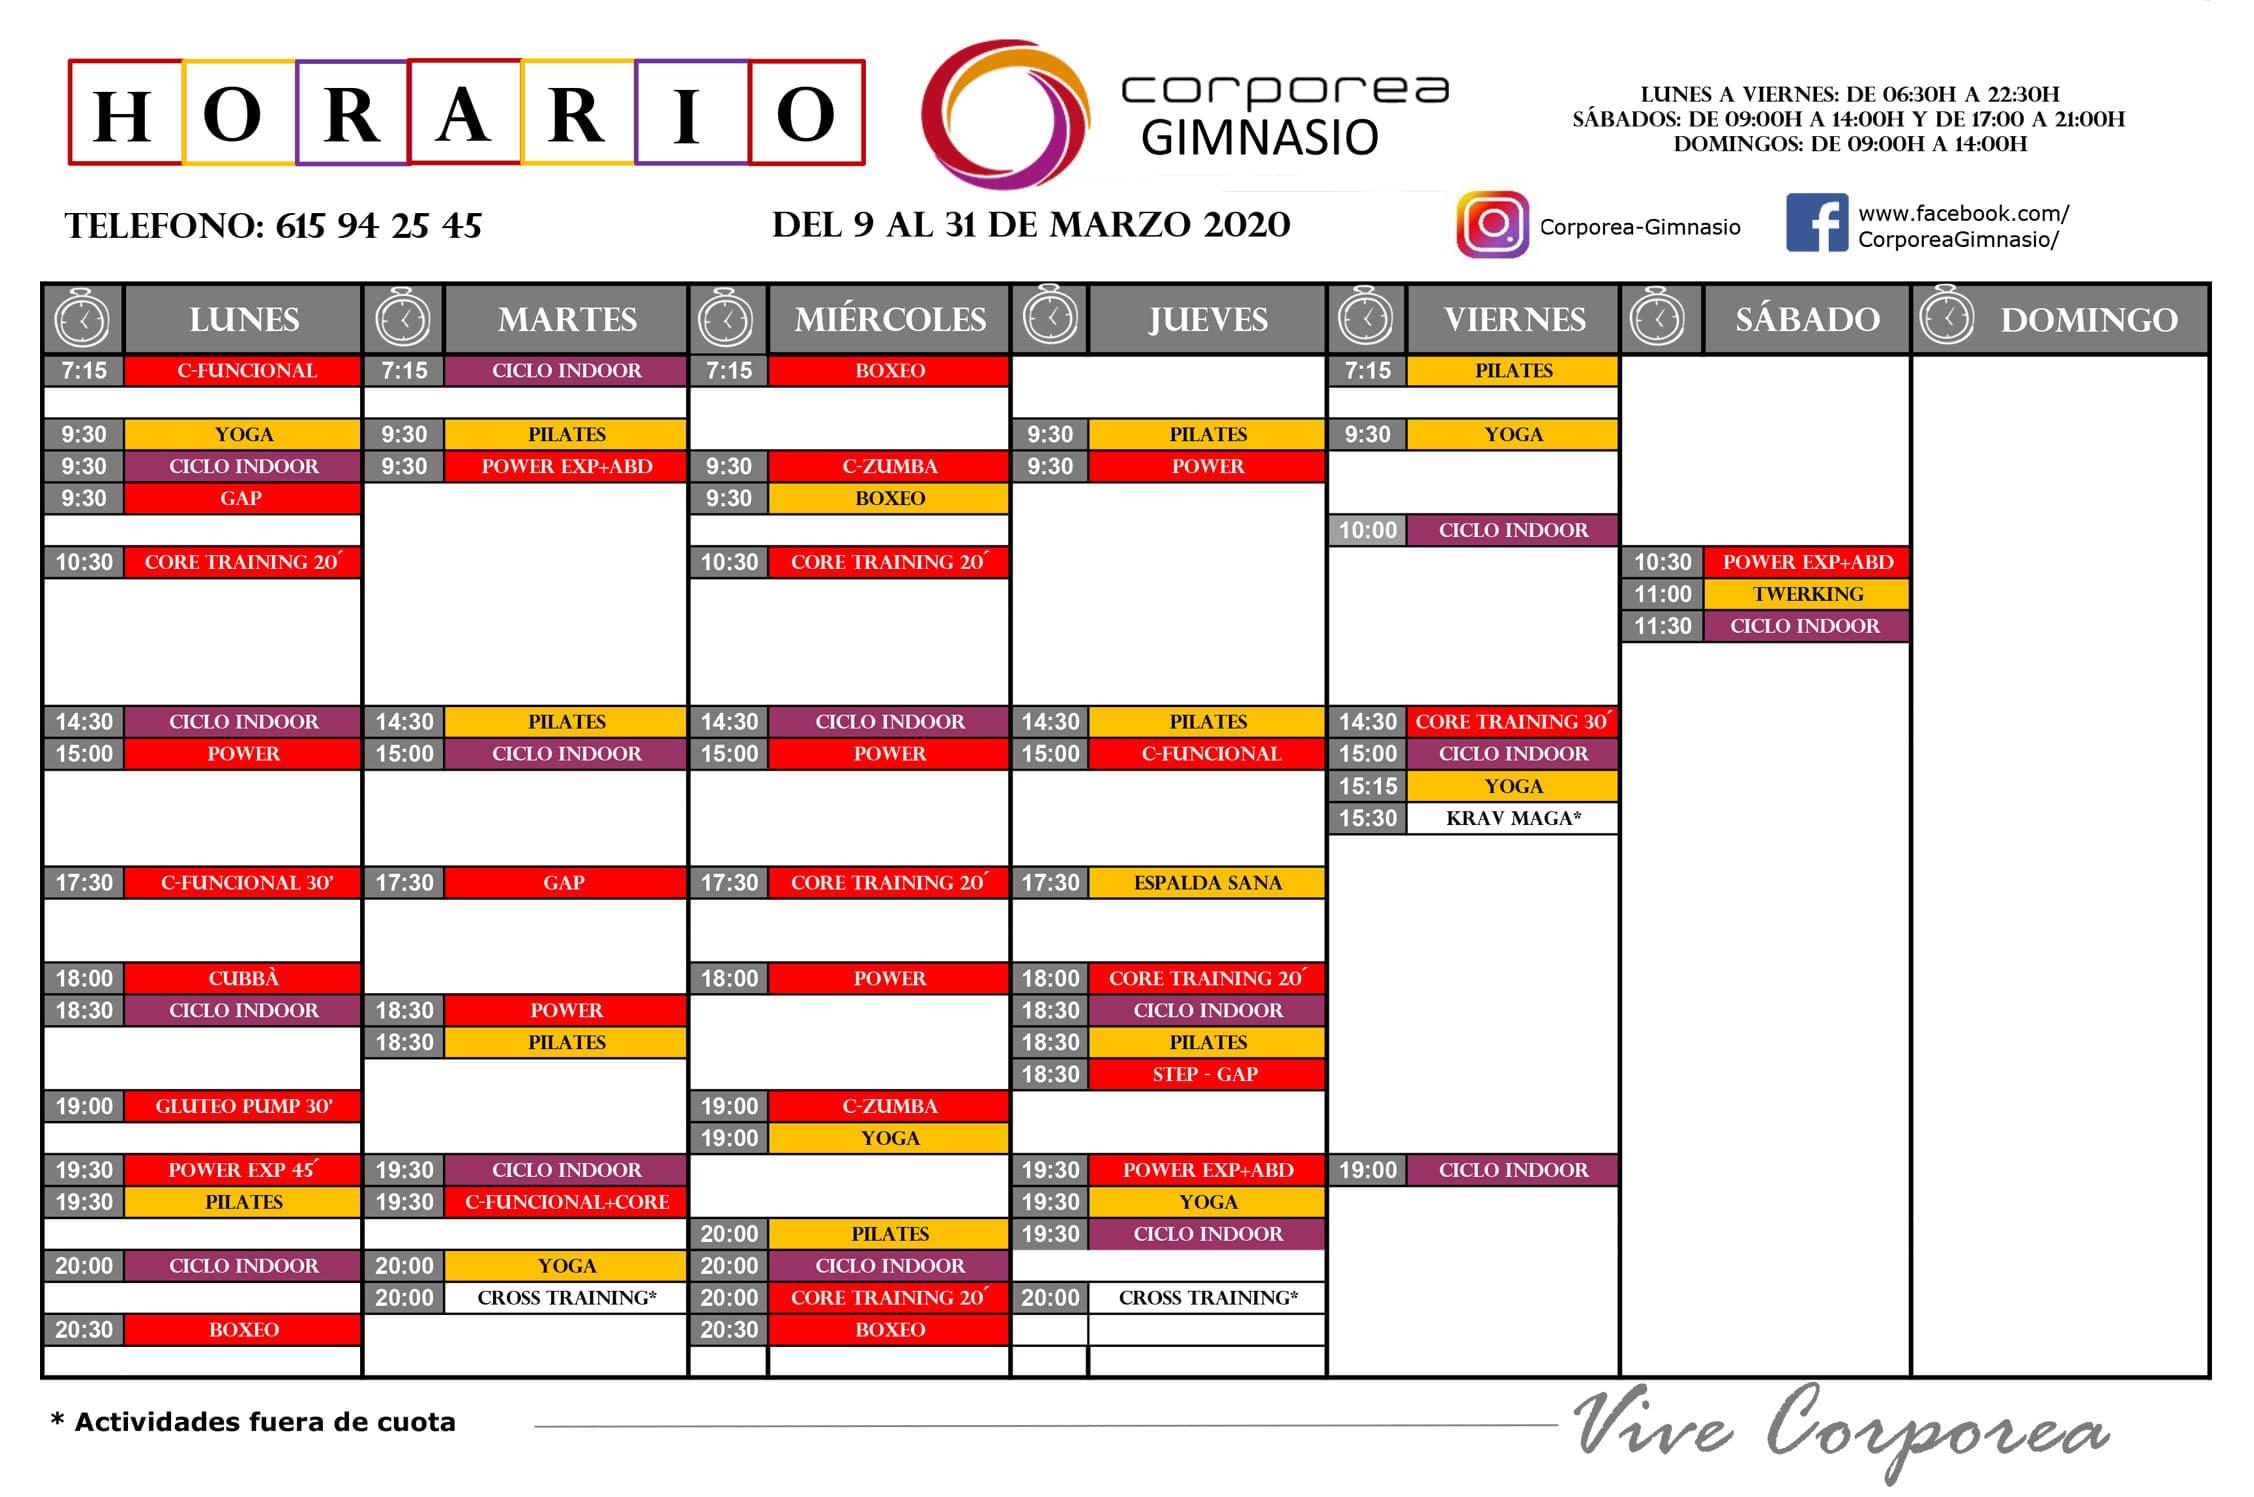 horario gimnasio corporea marzo 2020